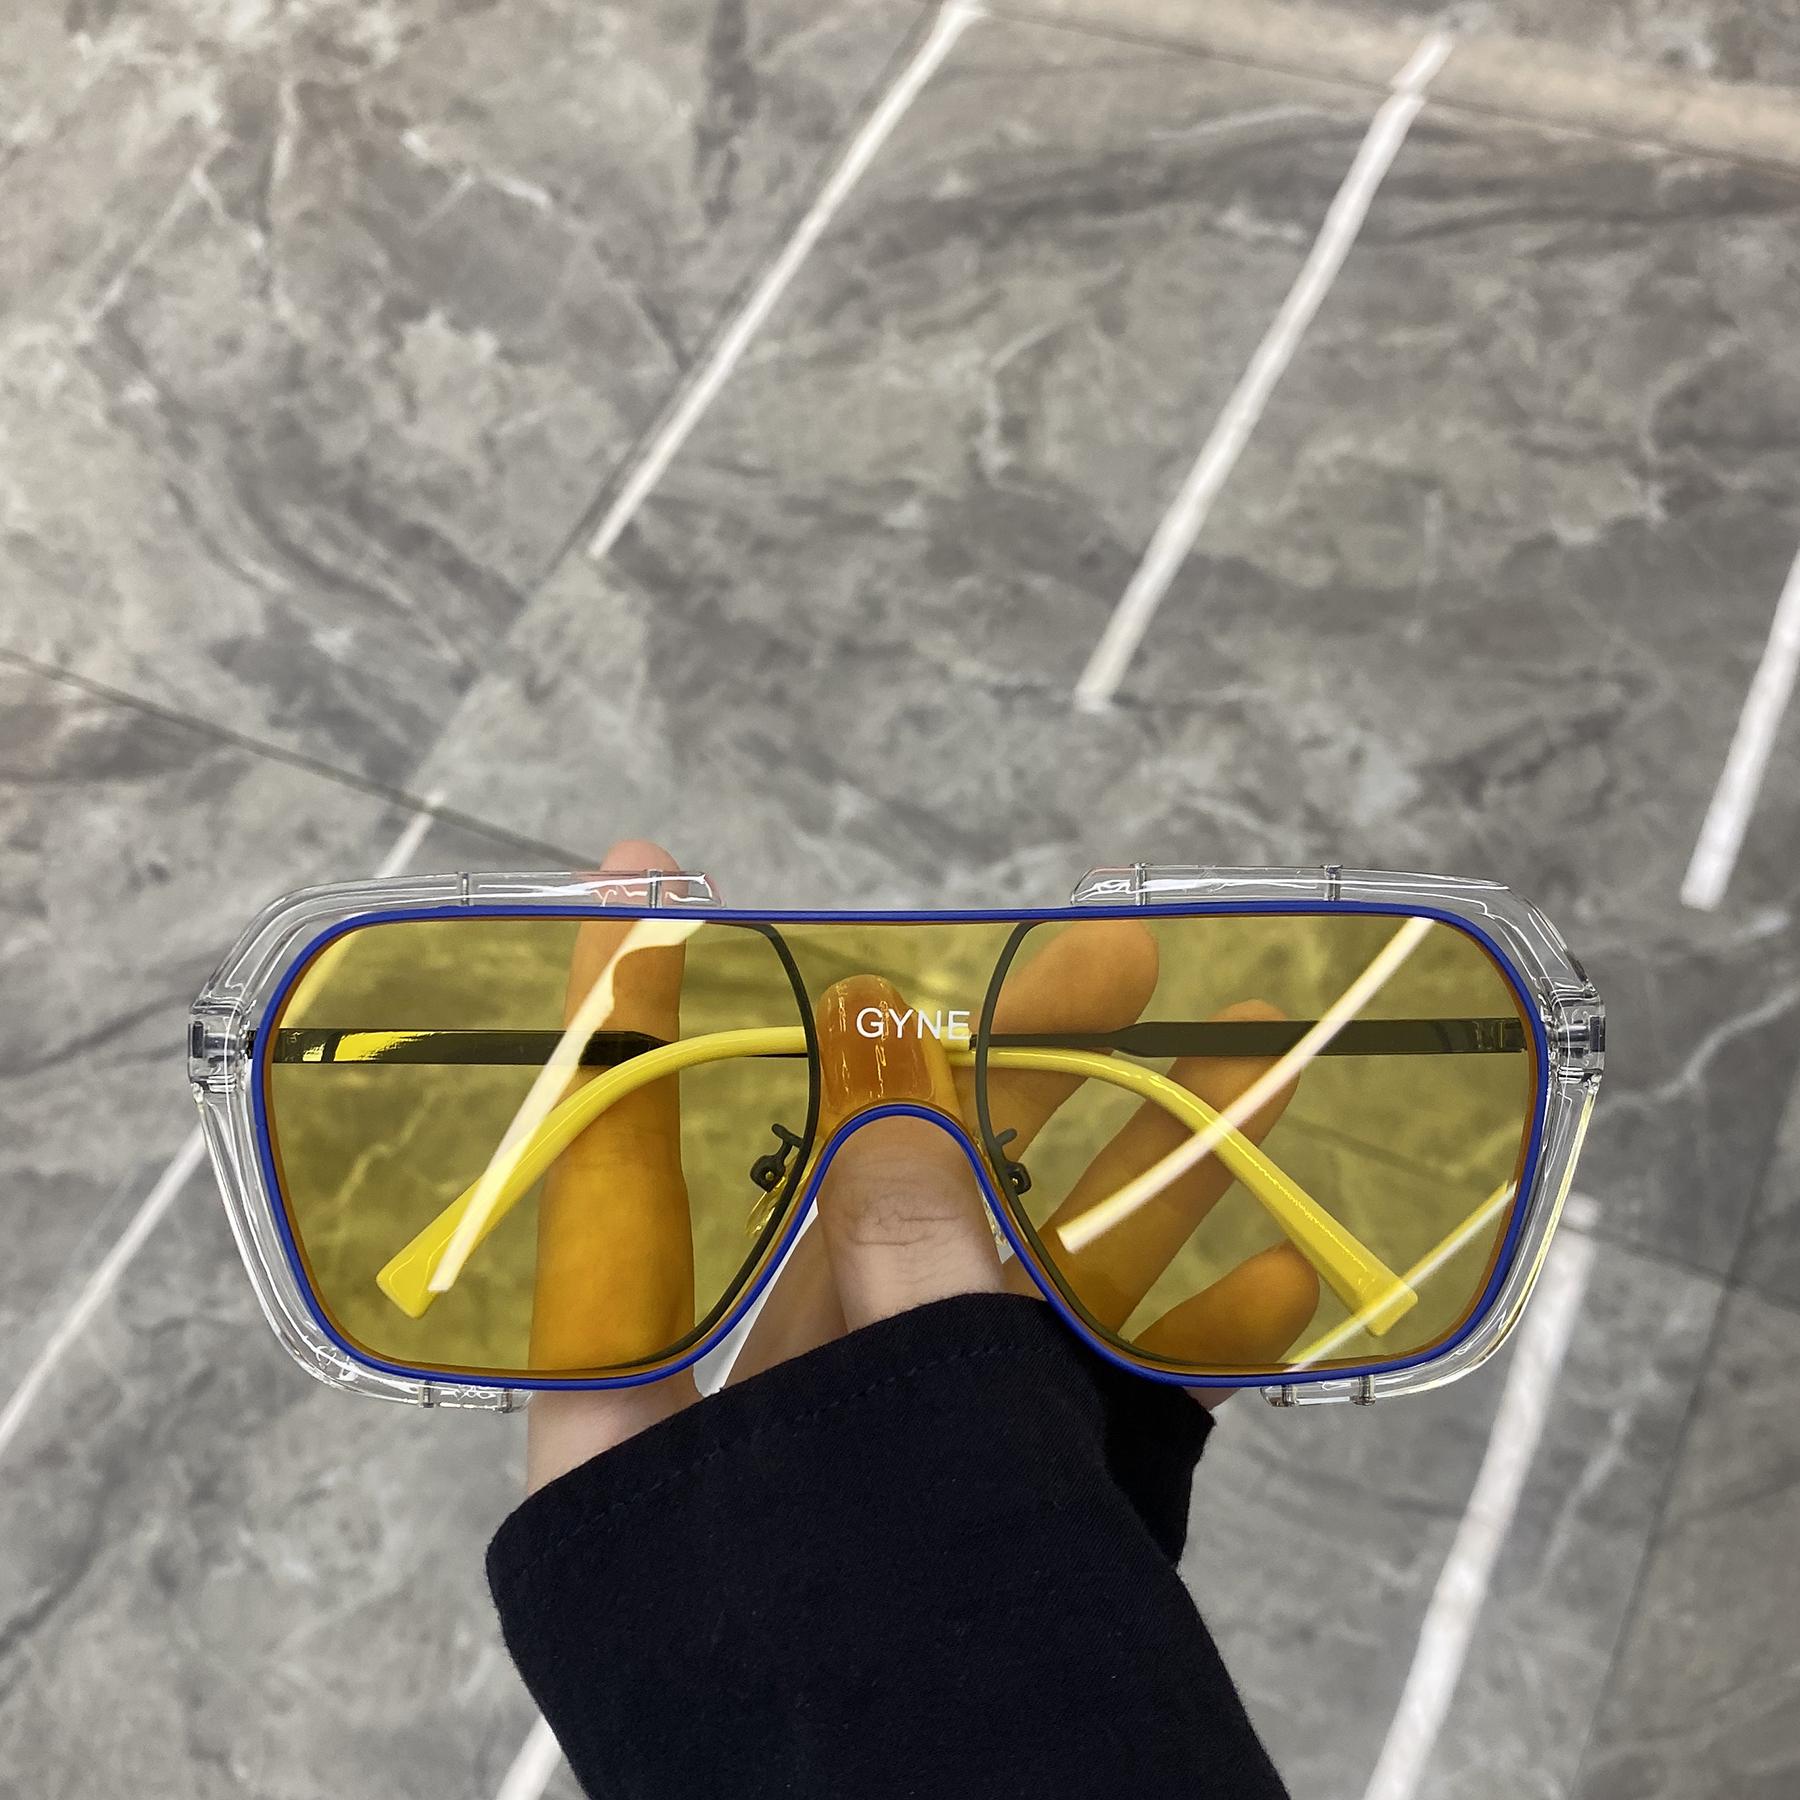 超酷不规则方框一体大框太阳镜蹦迪眼镜素颜网红街拍墨镜女圆脸潮